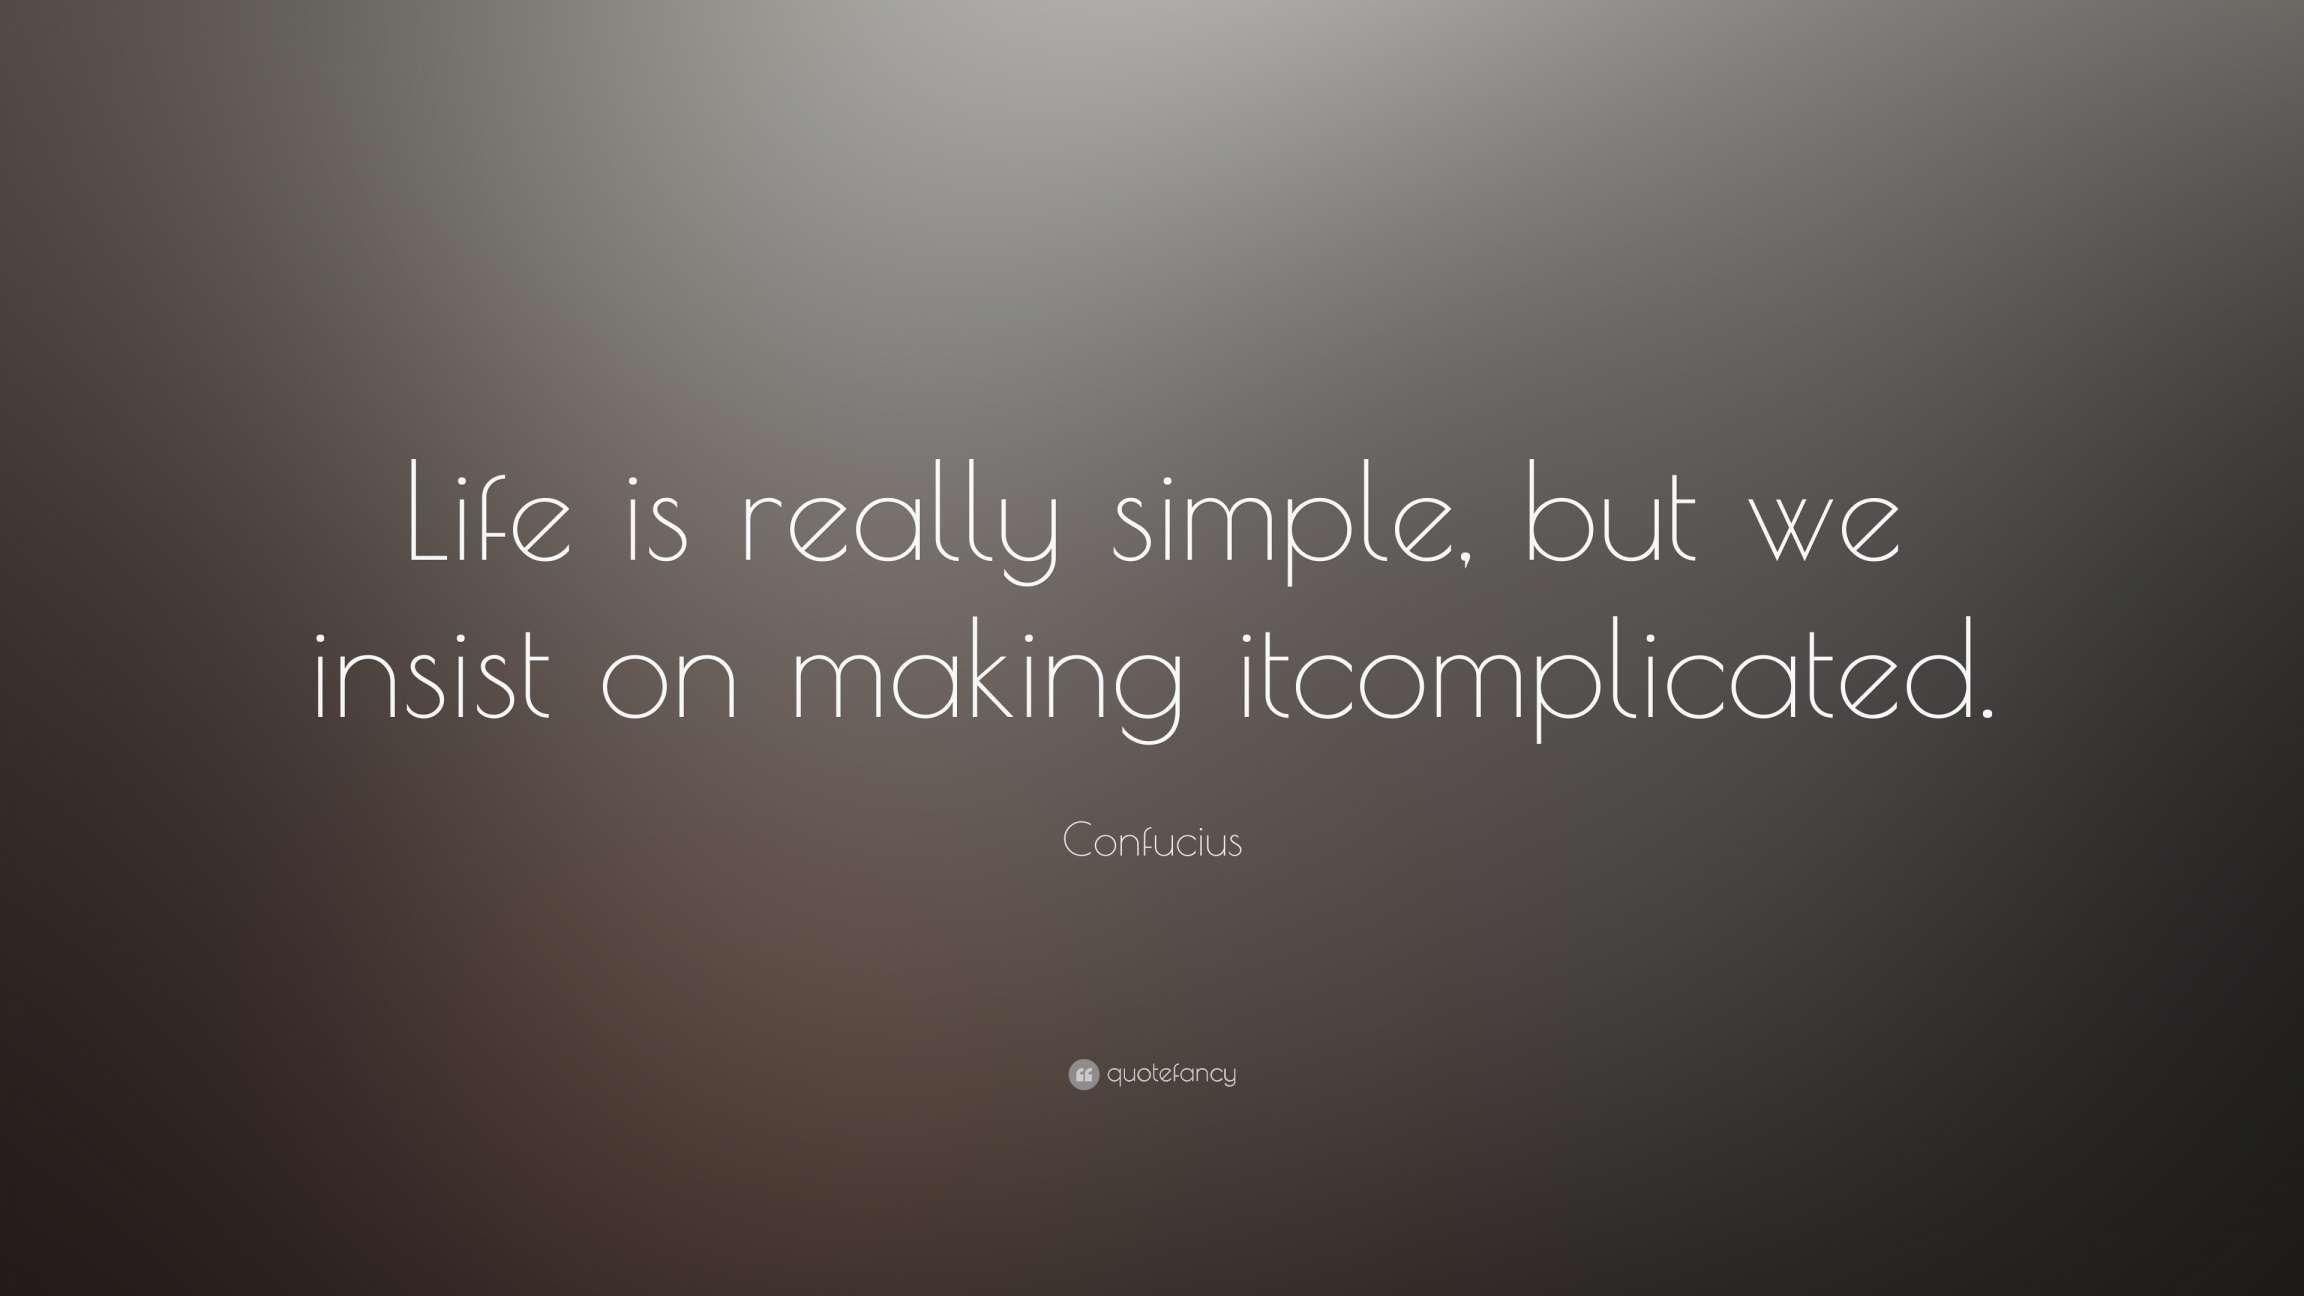 10 Confucius Quotes Life Is Simple Confucius Quotes Life Is Simple And Confucius Quote Life Is Really Simple Bu Simple Quotes Positive Quotes Life Quotes